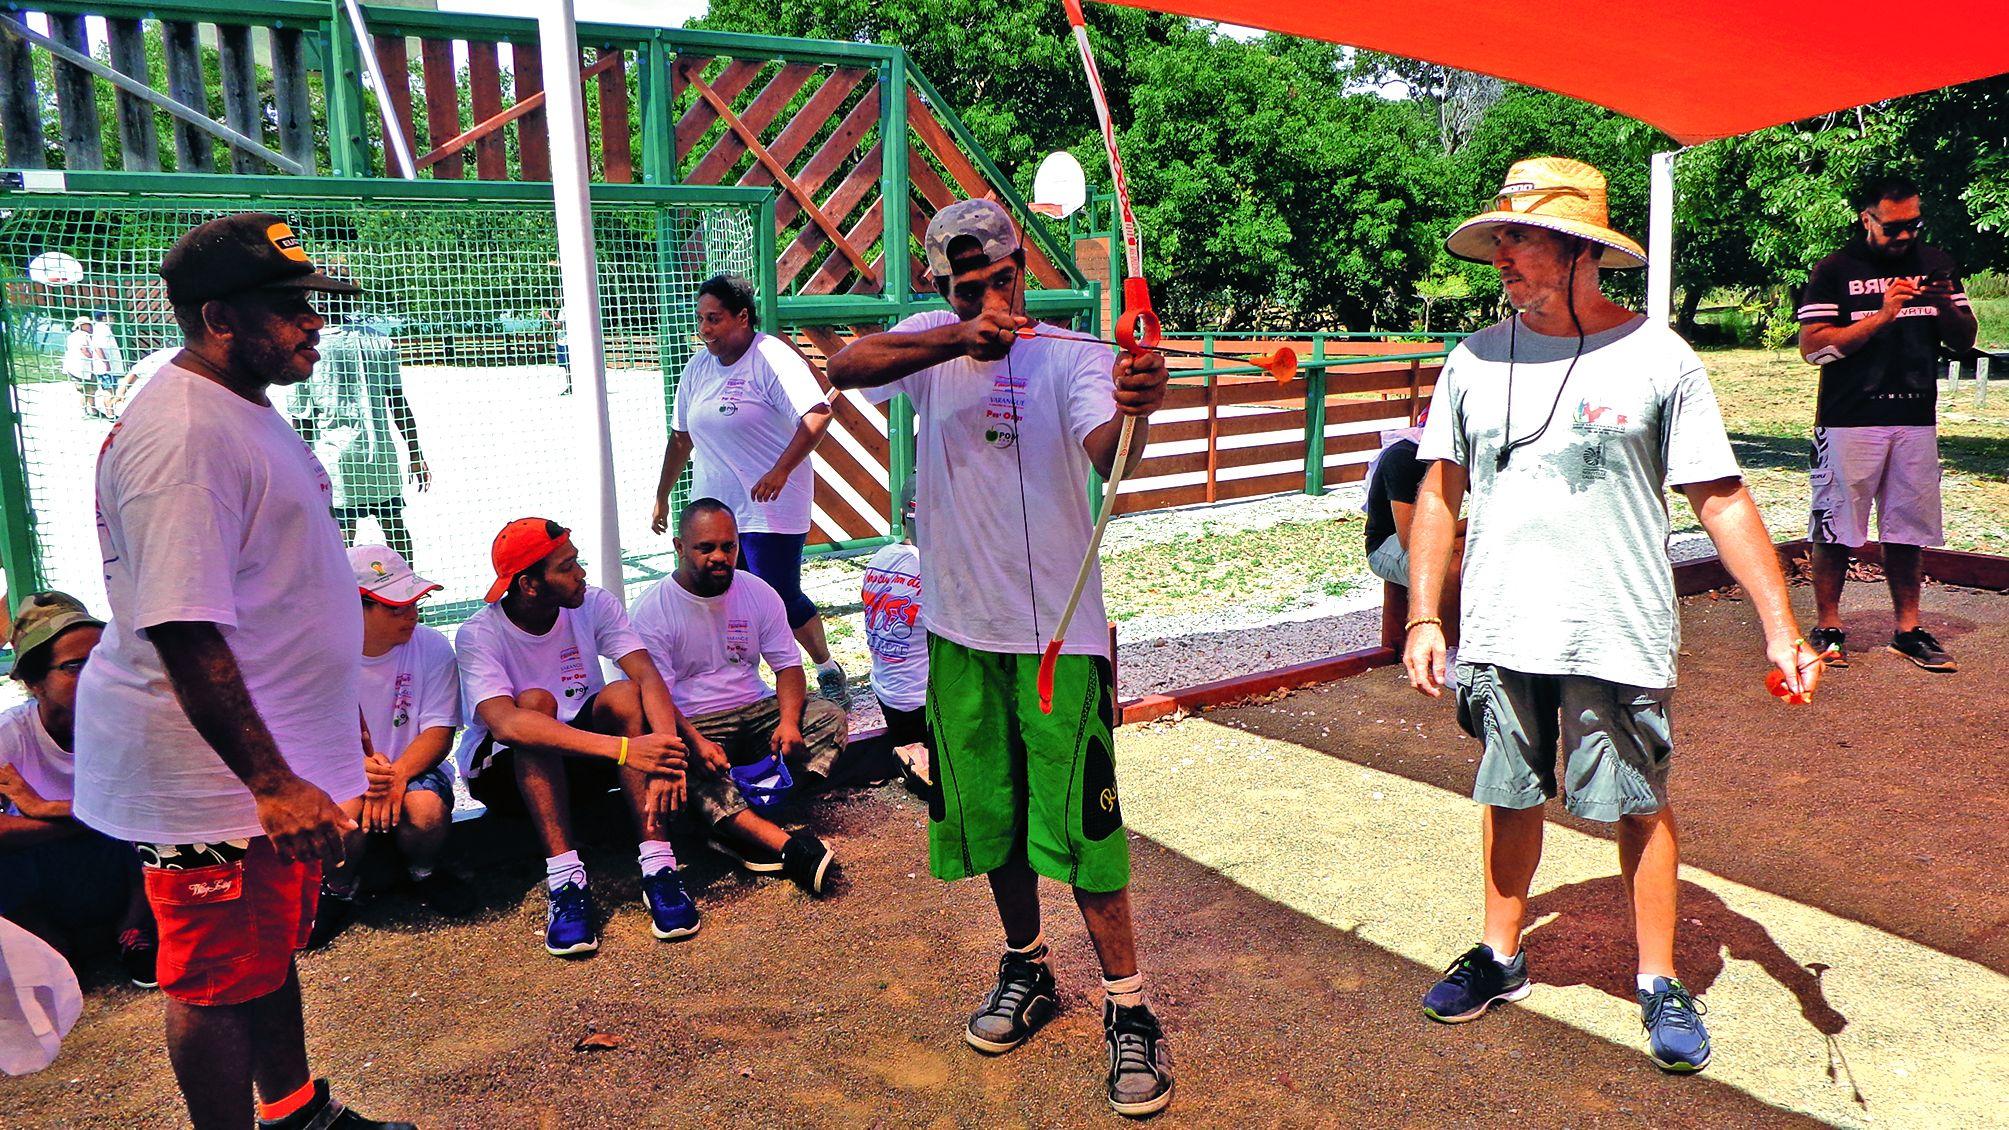 Cette matinée s'est déroulée au Centre des activités de la province Sud, à Poé, en toute fraternité, alliant sport et plaisir.